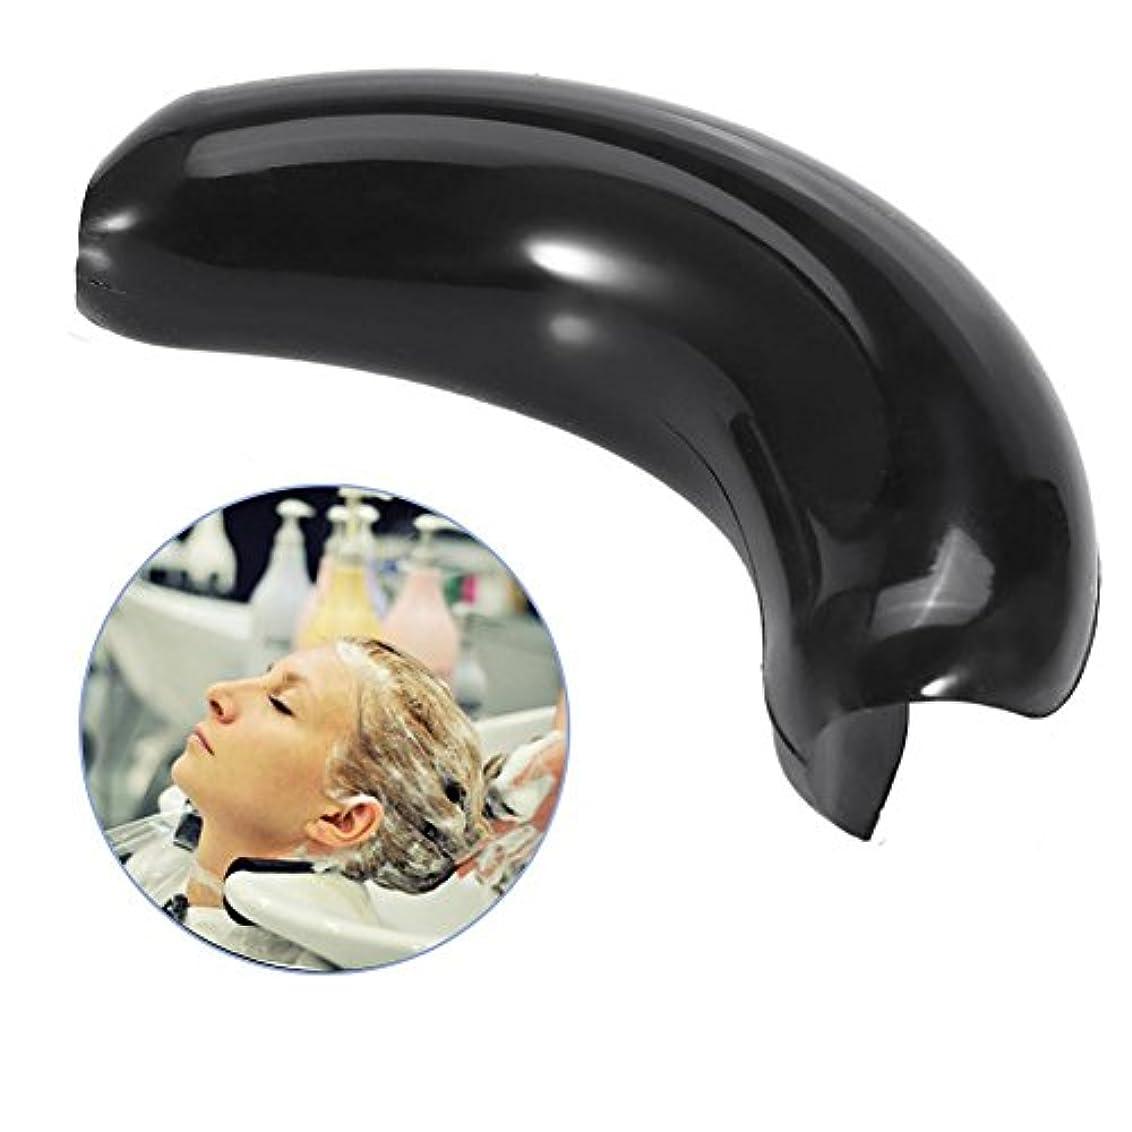 吸収剤個人的な存在シャンプーボールのゲルの首の残り、鉱泉のヘアーサロンの洗浄の罪のための耐久の快適で柔らかいシリコーン/PUのゲルの首のクッションの枕